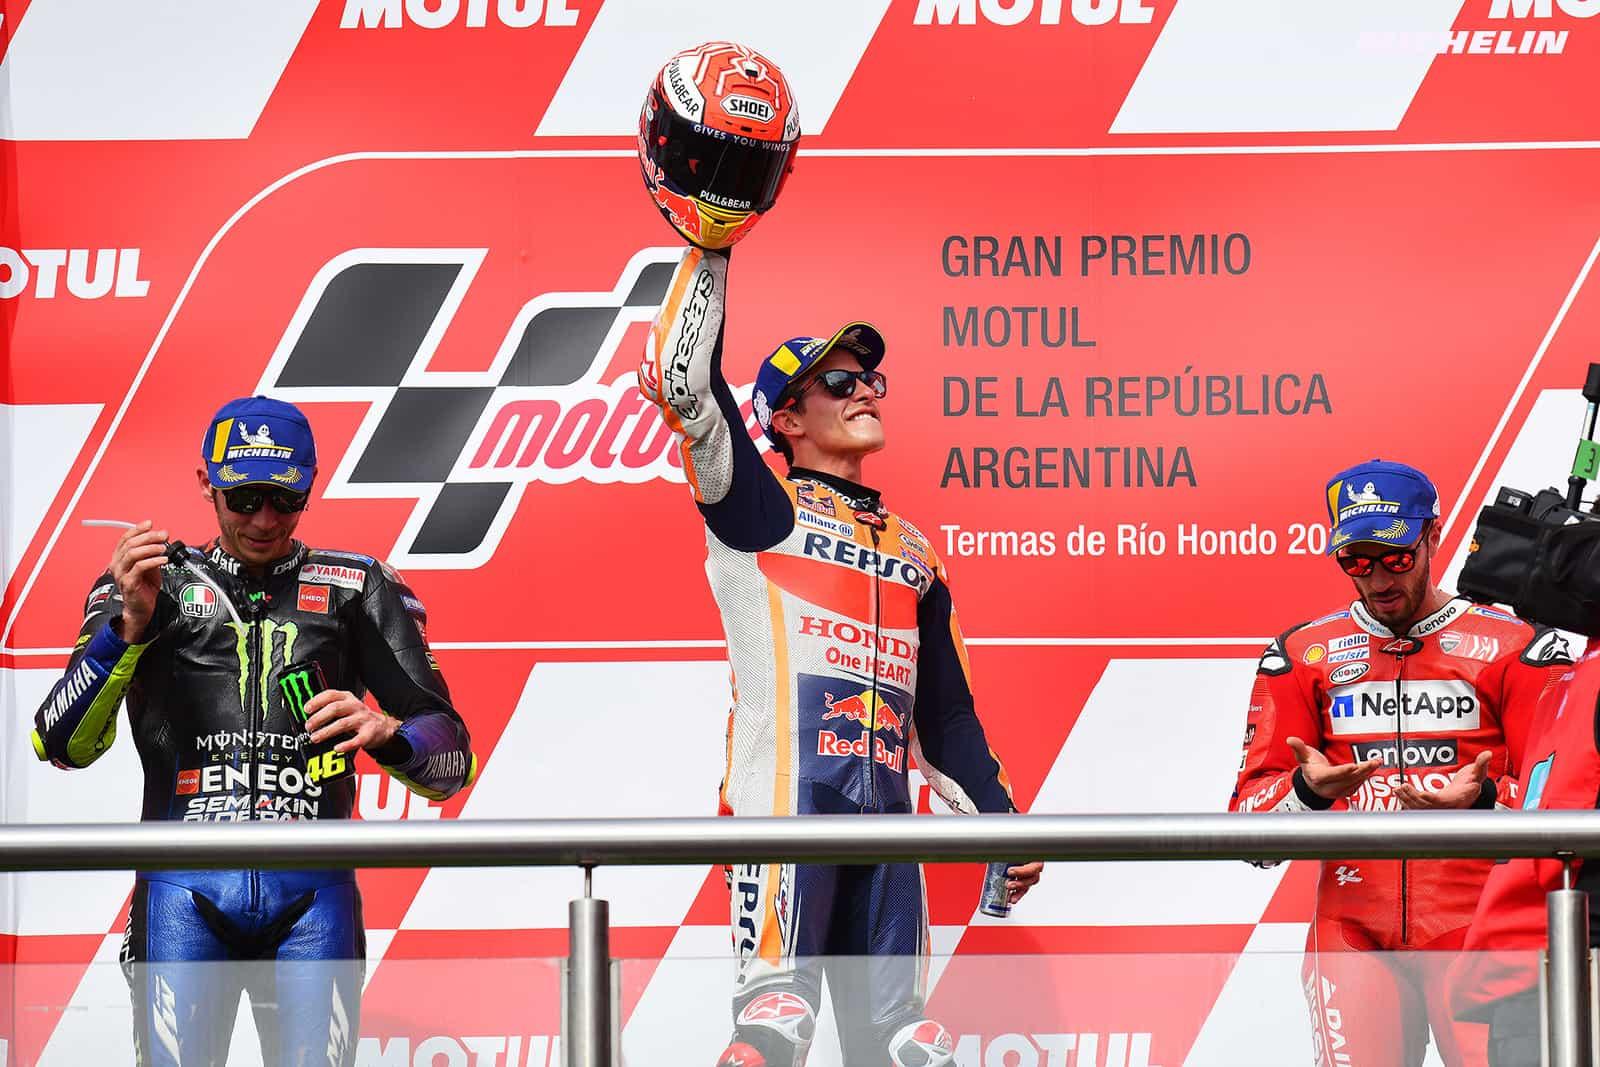 アルゼンチンGP優勝 マルケス「自分の強みは最初の5周だとわかっていた。」